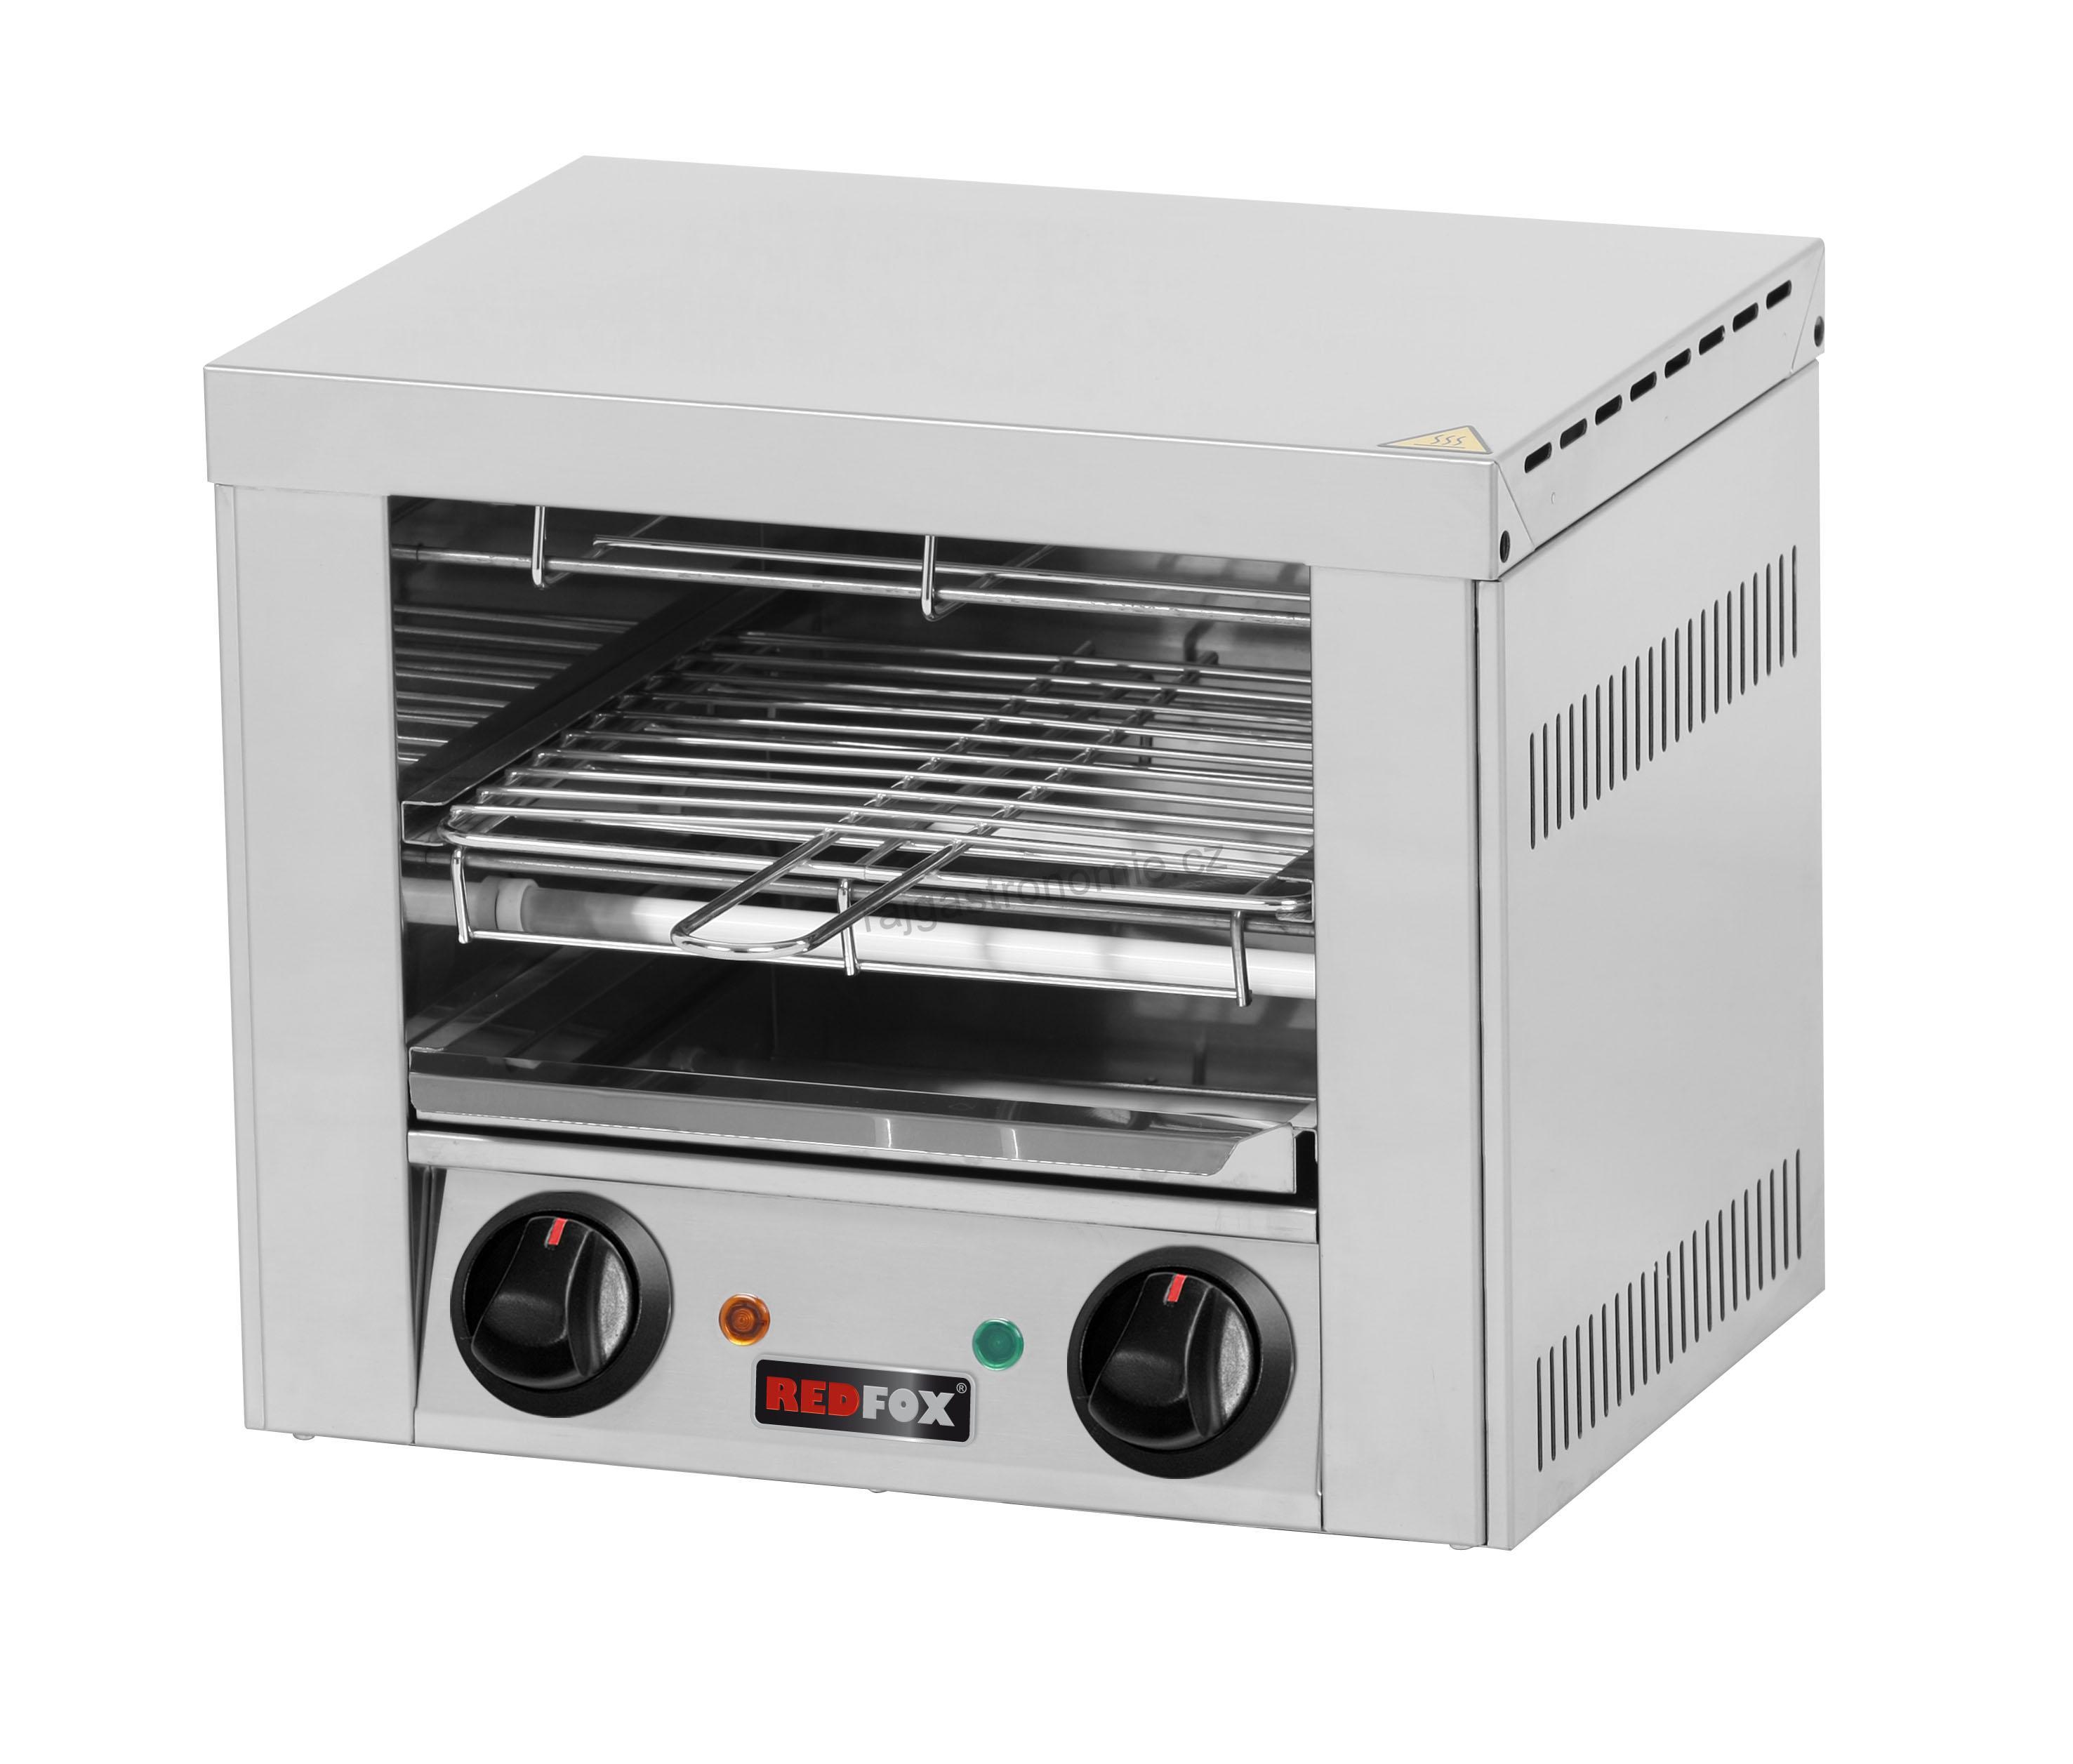 Toaster 2x kleště, rošt TO 920 GH